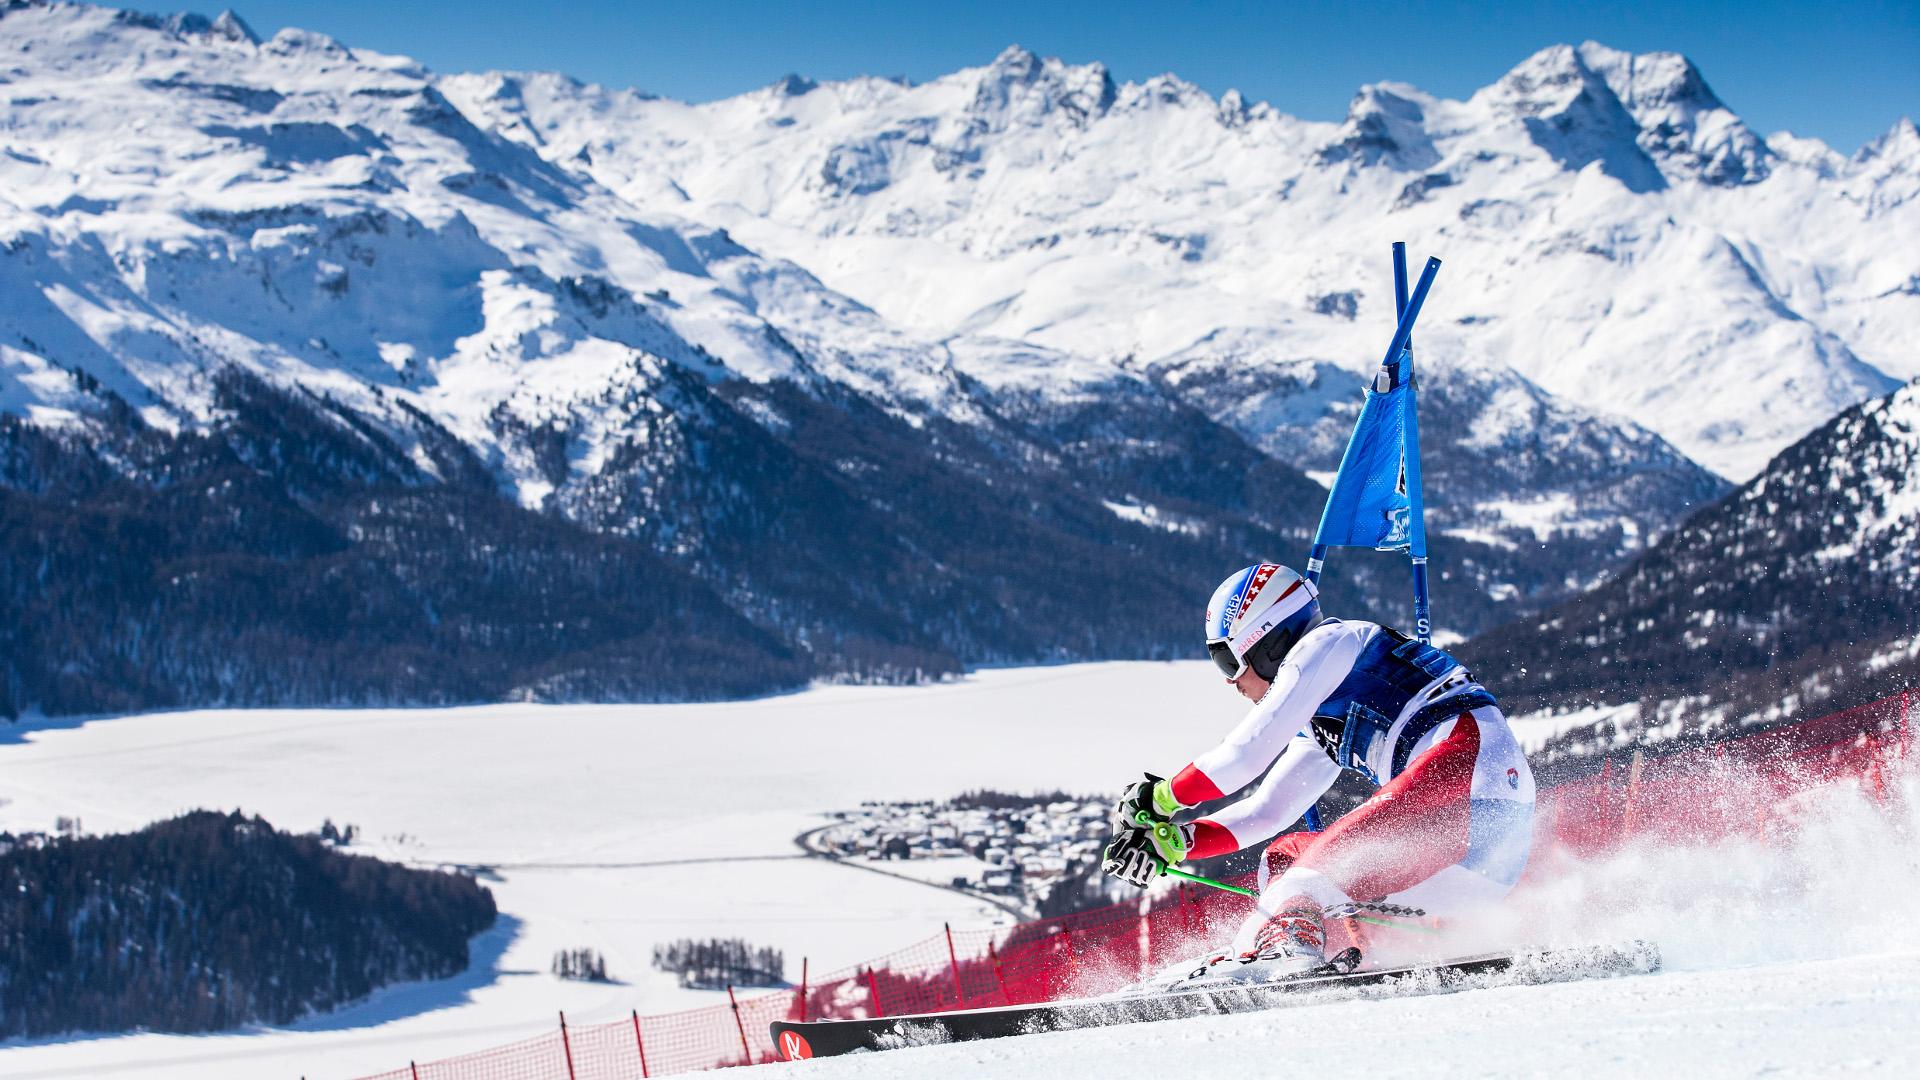 St. Moritz, 19.03.2016, Impressionen Frauen Slalom und Männer Riesenslalom am Samstag, 19. März 2016, in St. Moritz. (Nicola Pitaro)